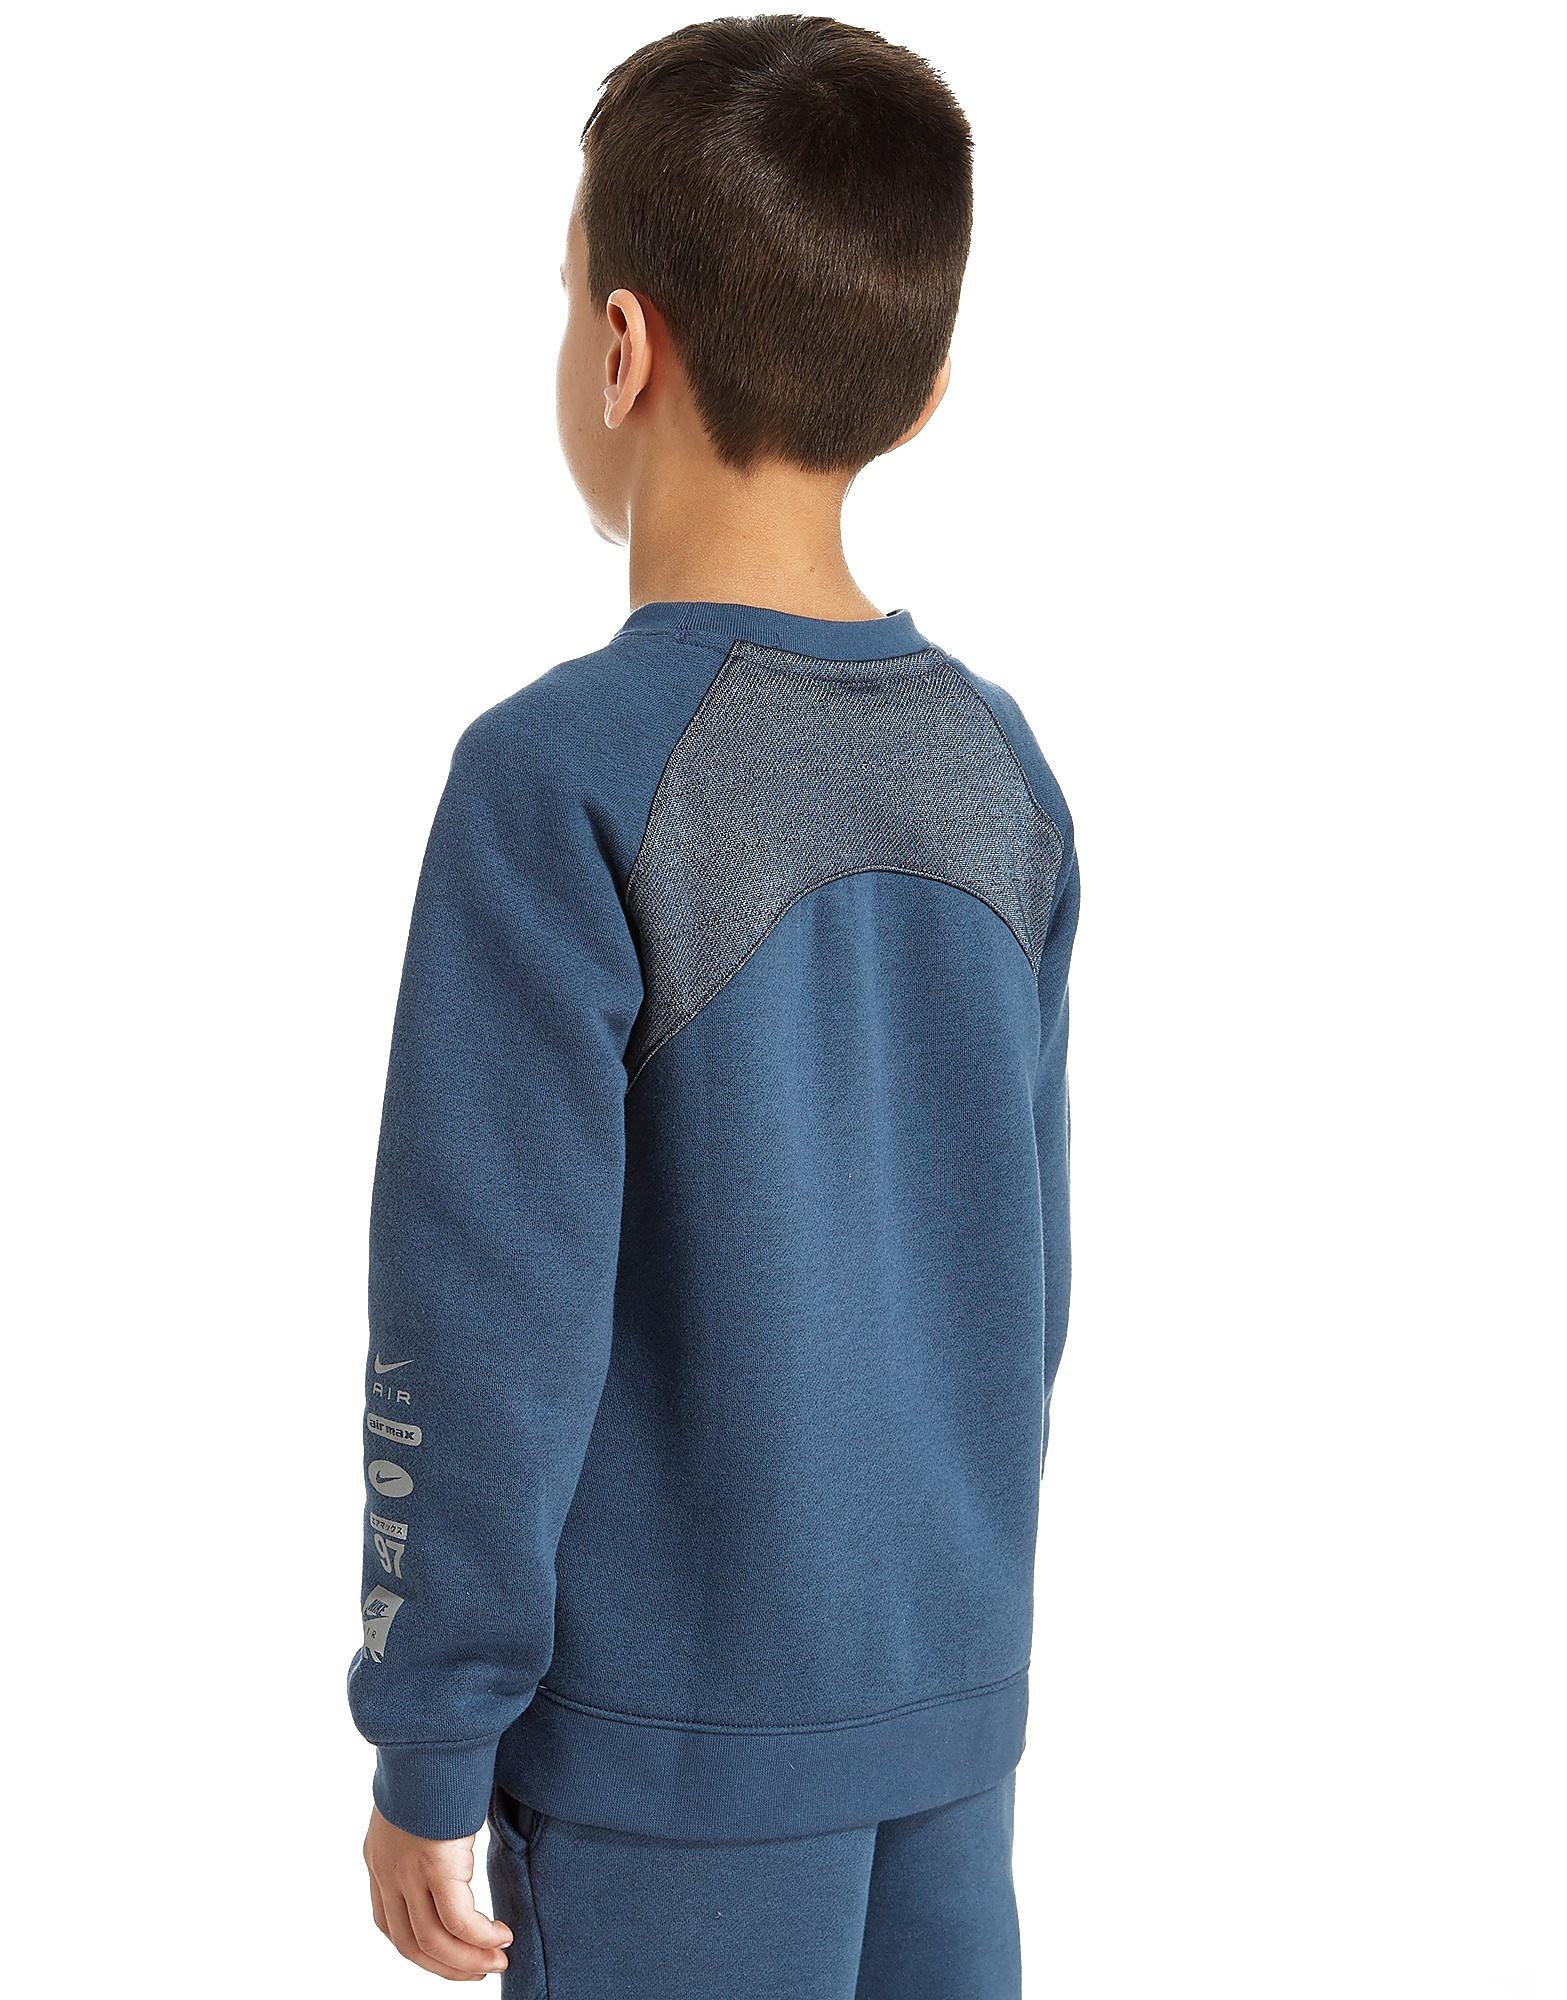 Nike Air Kinder-Sweatshirt mit Rundhalsausschnitt